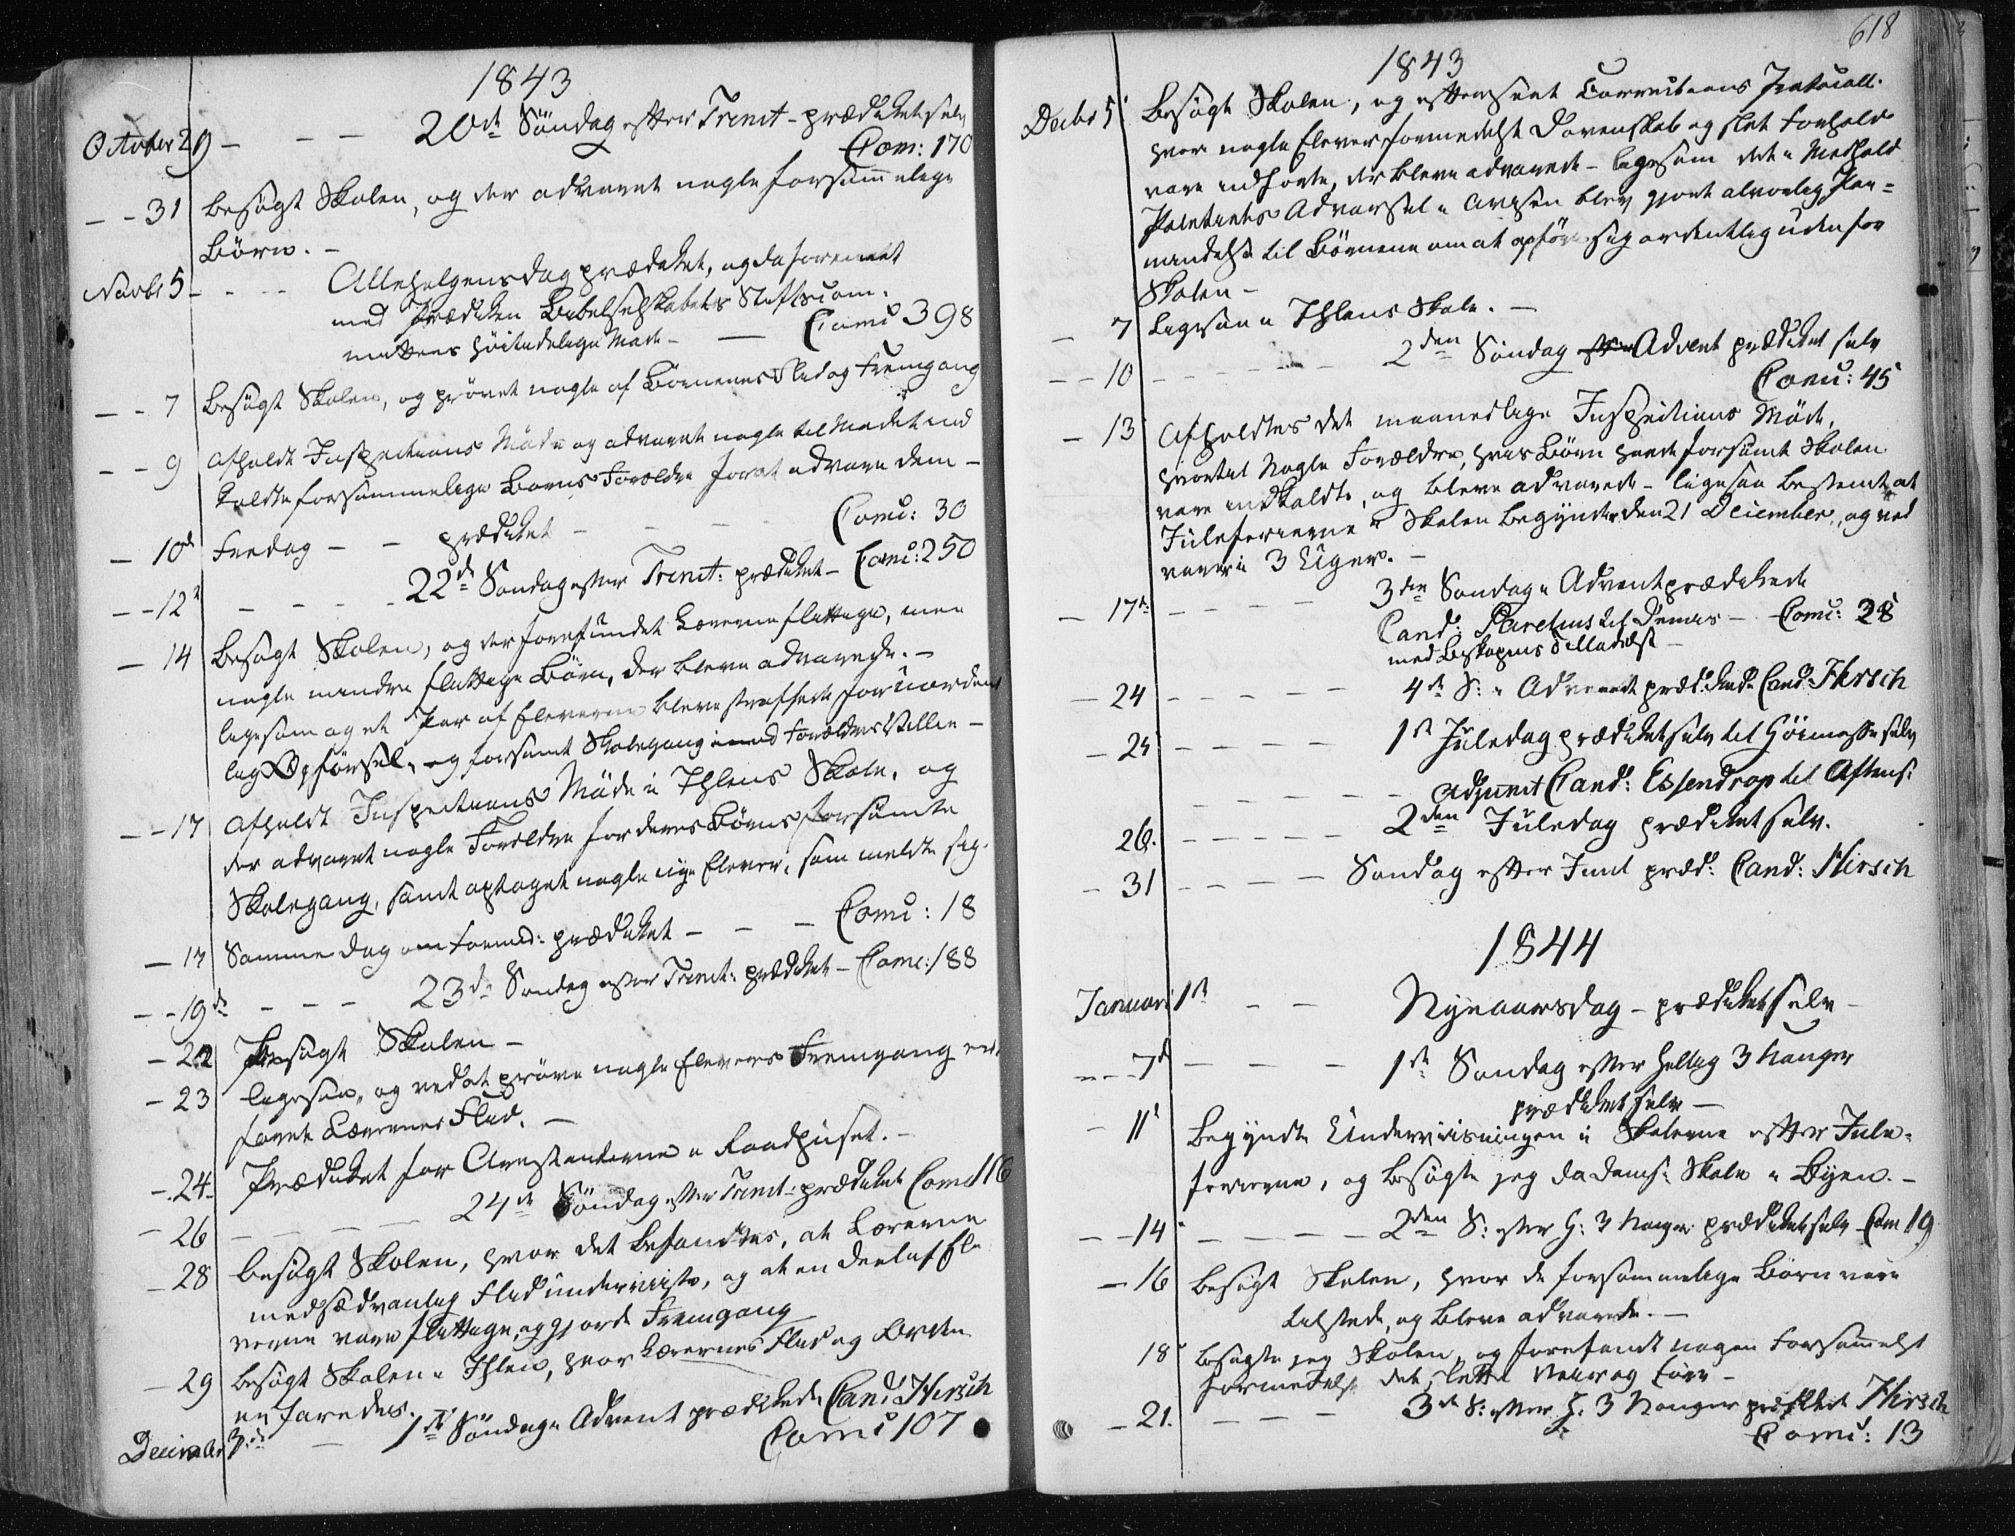 SAT, Ministerialprotokoller, klokkerbøker og fødselsregistre - Sør-Trøndelag, 601/L0049: Ministerialbok nr. 601A17, 1839-1847, s. 618